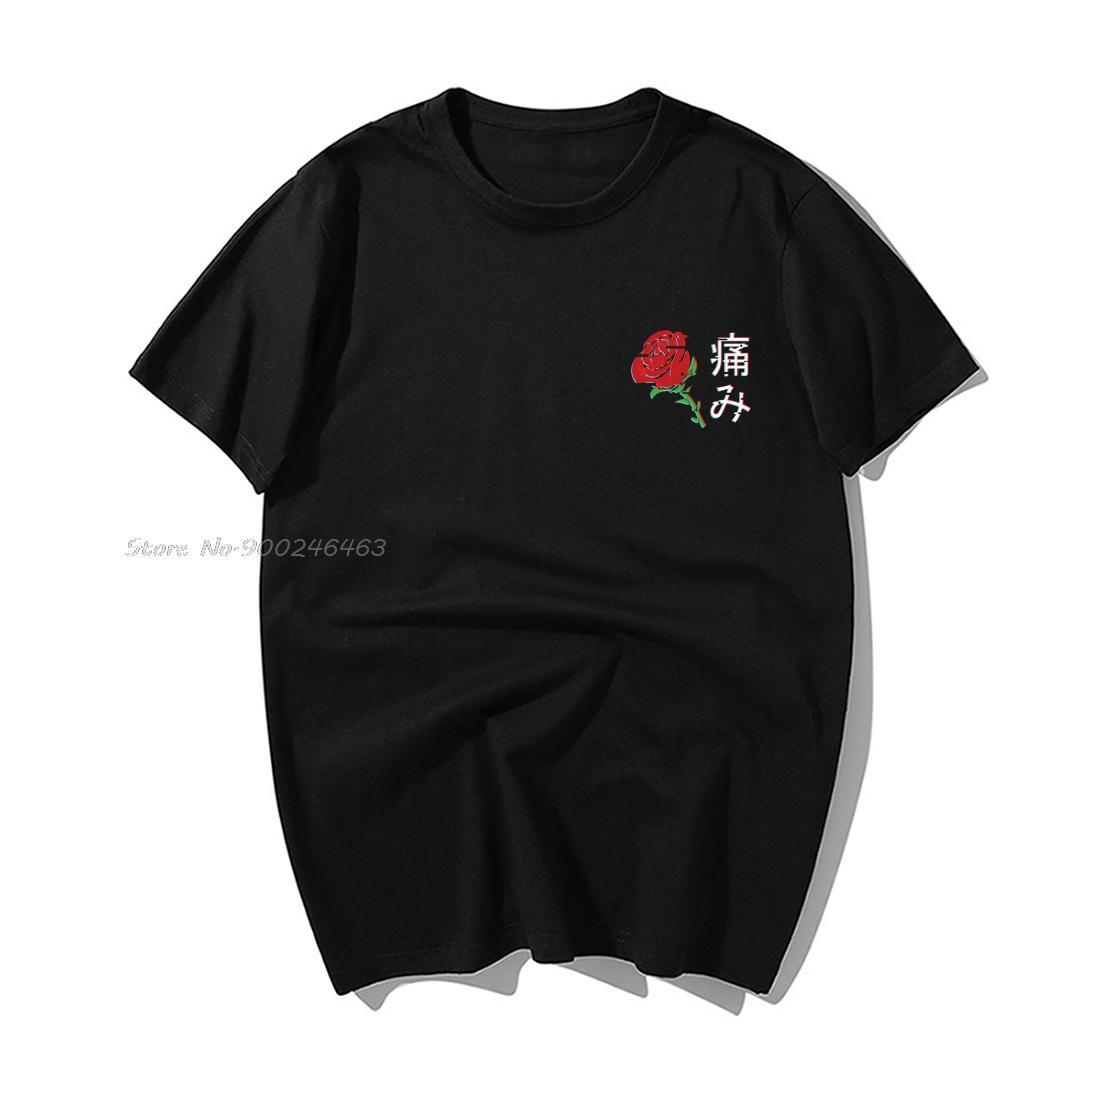 Японская Эстетическая Rose Футболка Мужчины Смешной Tshirts лето вскользь хлопка с коротким рукавом футболки Harajuku Толстовка Hip Hop Топы Тис